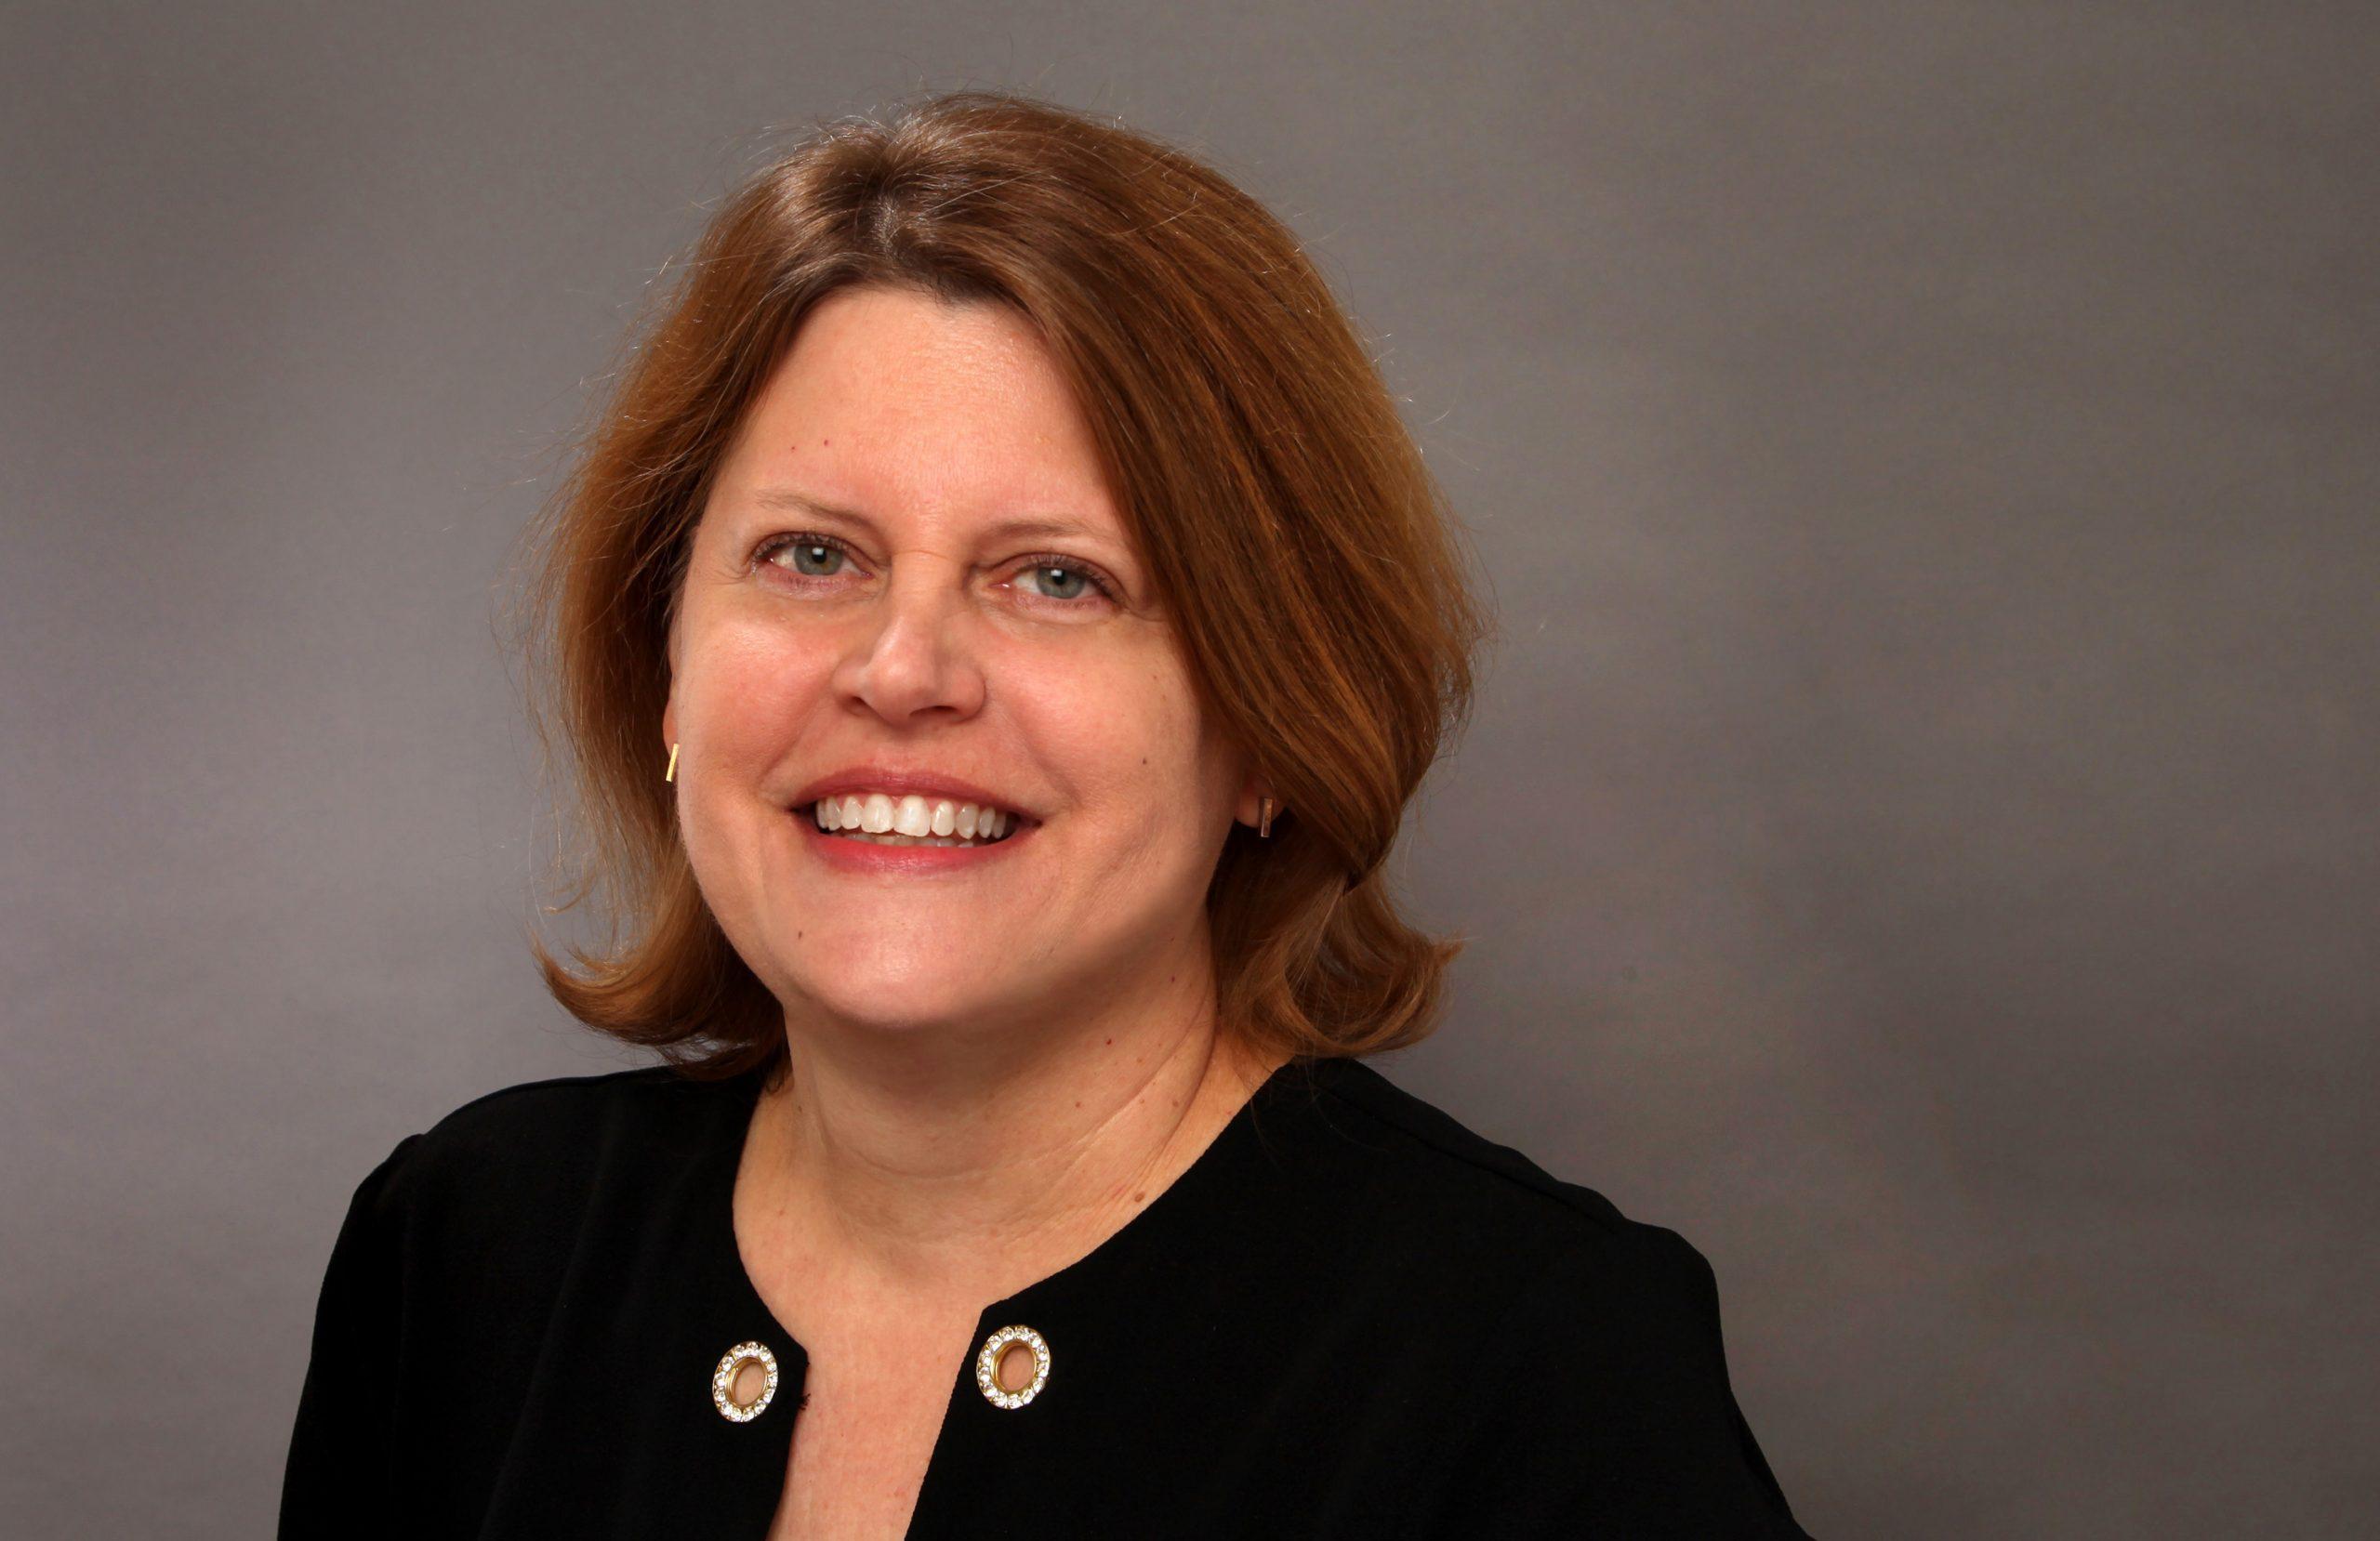 Sally Buzbee, nueva directora de 'The Washington Post', en una imagen de 2018.CHUCK ZOELLER / AP